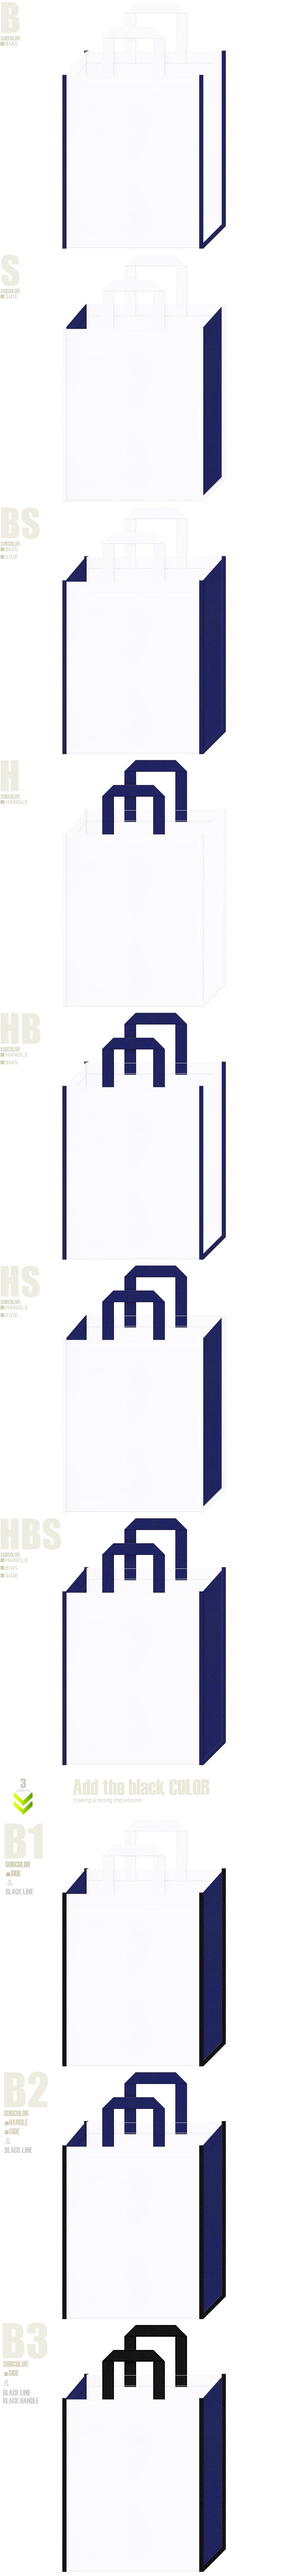 展示会用バッグ・スポーツイベント・マリンルック・水族館・クルージング・天体観測・プラネタリウム・野外コンサート・星空のイベント・太陽光パネル・太陽光発電・水産・船舶・学校・学園・オープンキャンパス・学習塾・レッスンバッグにお奨めの不織布バッグデザイン:白色と明るい紺色のコーデ10パターン